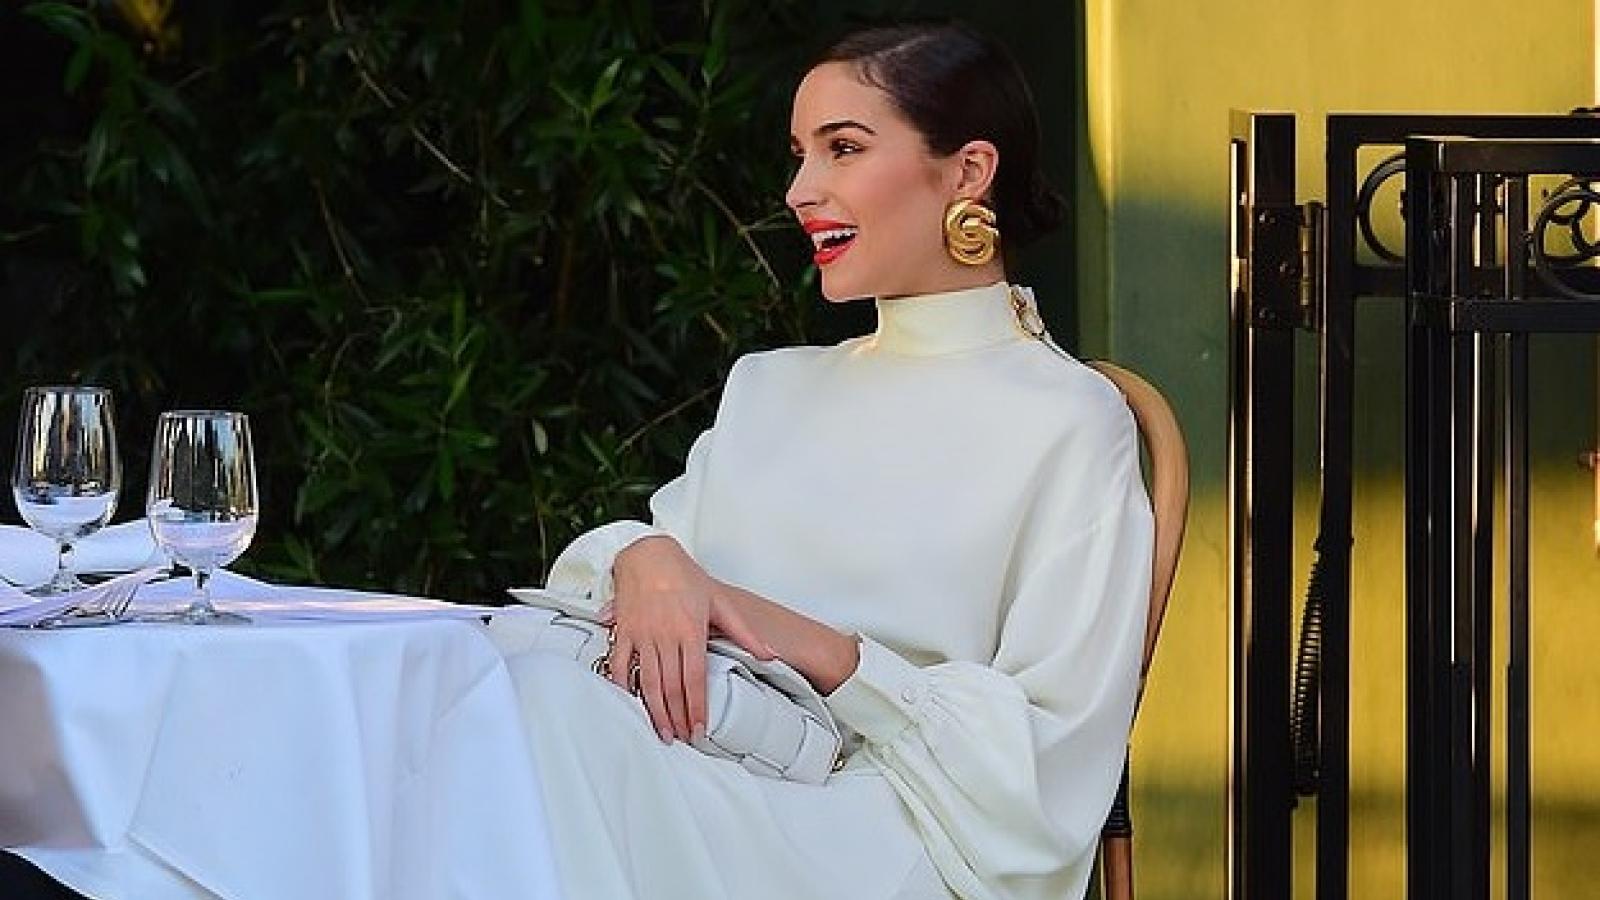 Hoa hậu Olivia Culpo xinh đẹp đi ăn tối cùng bạn bè